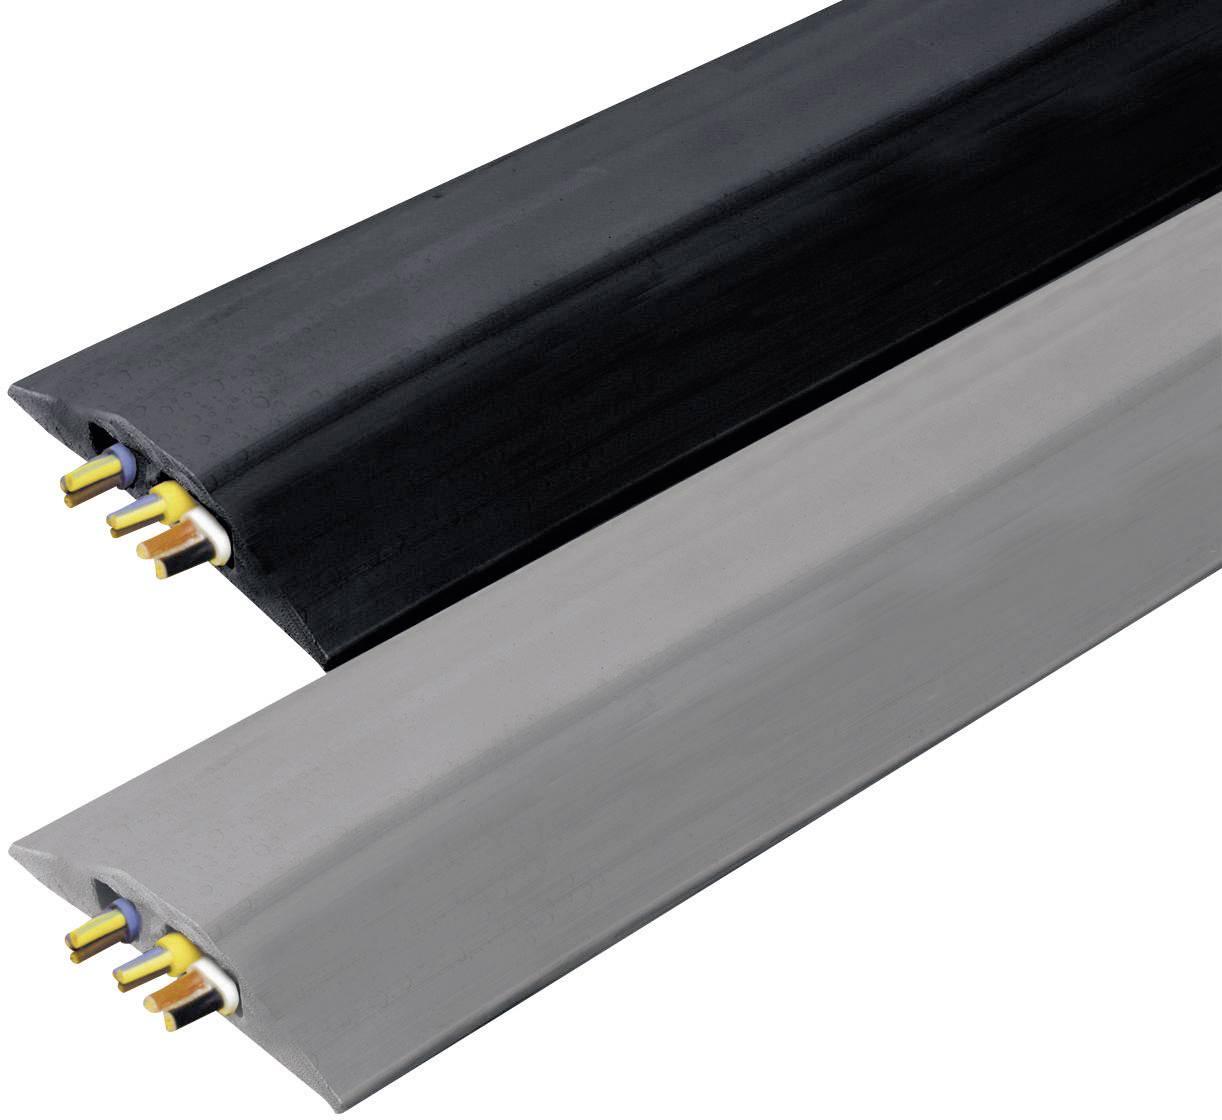 Kabelový můstek Vulcascot VUS-010, šedá, 40 x 10 mm, 3000 x 88 x 14 mm